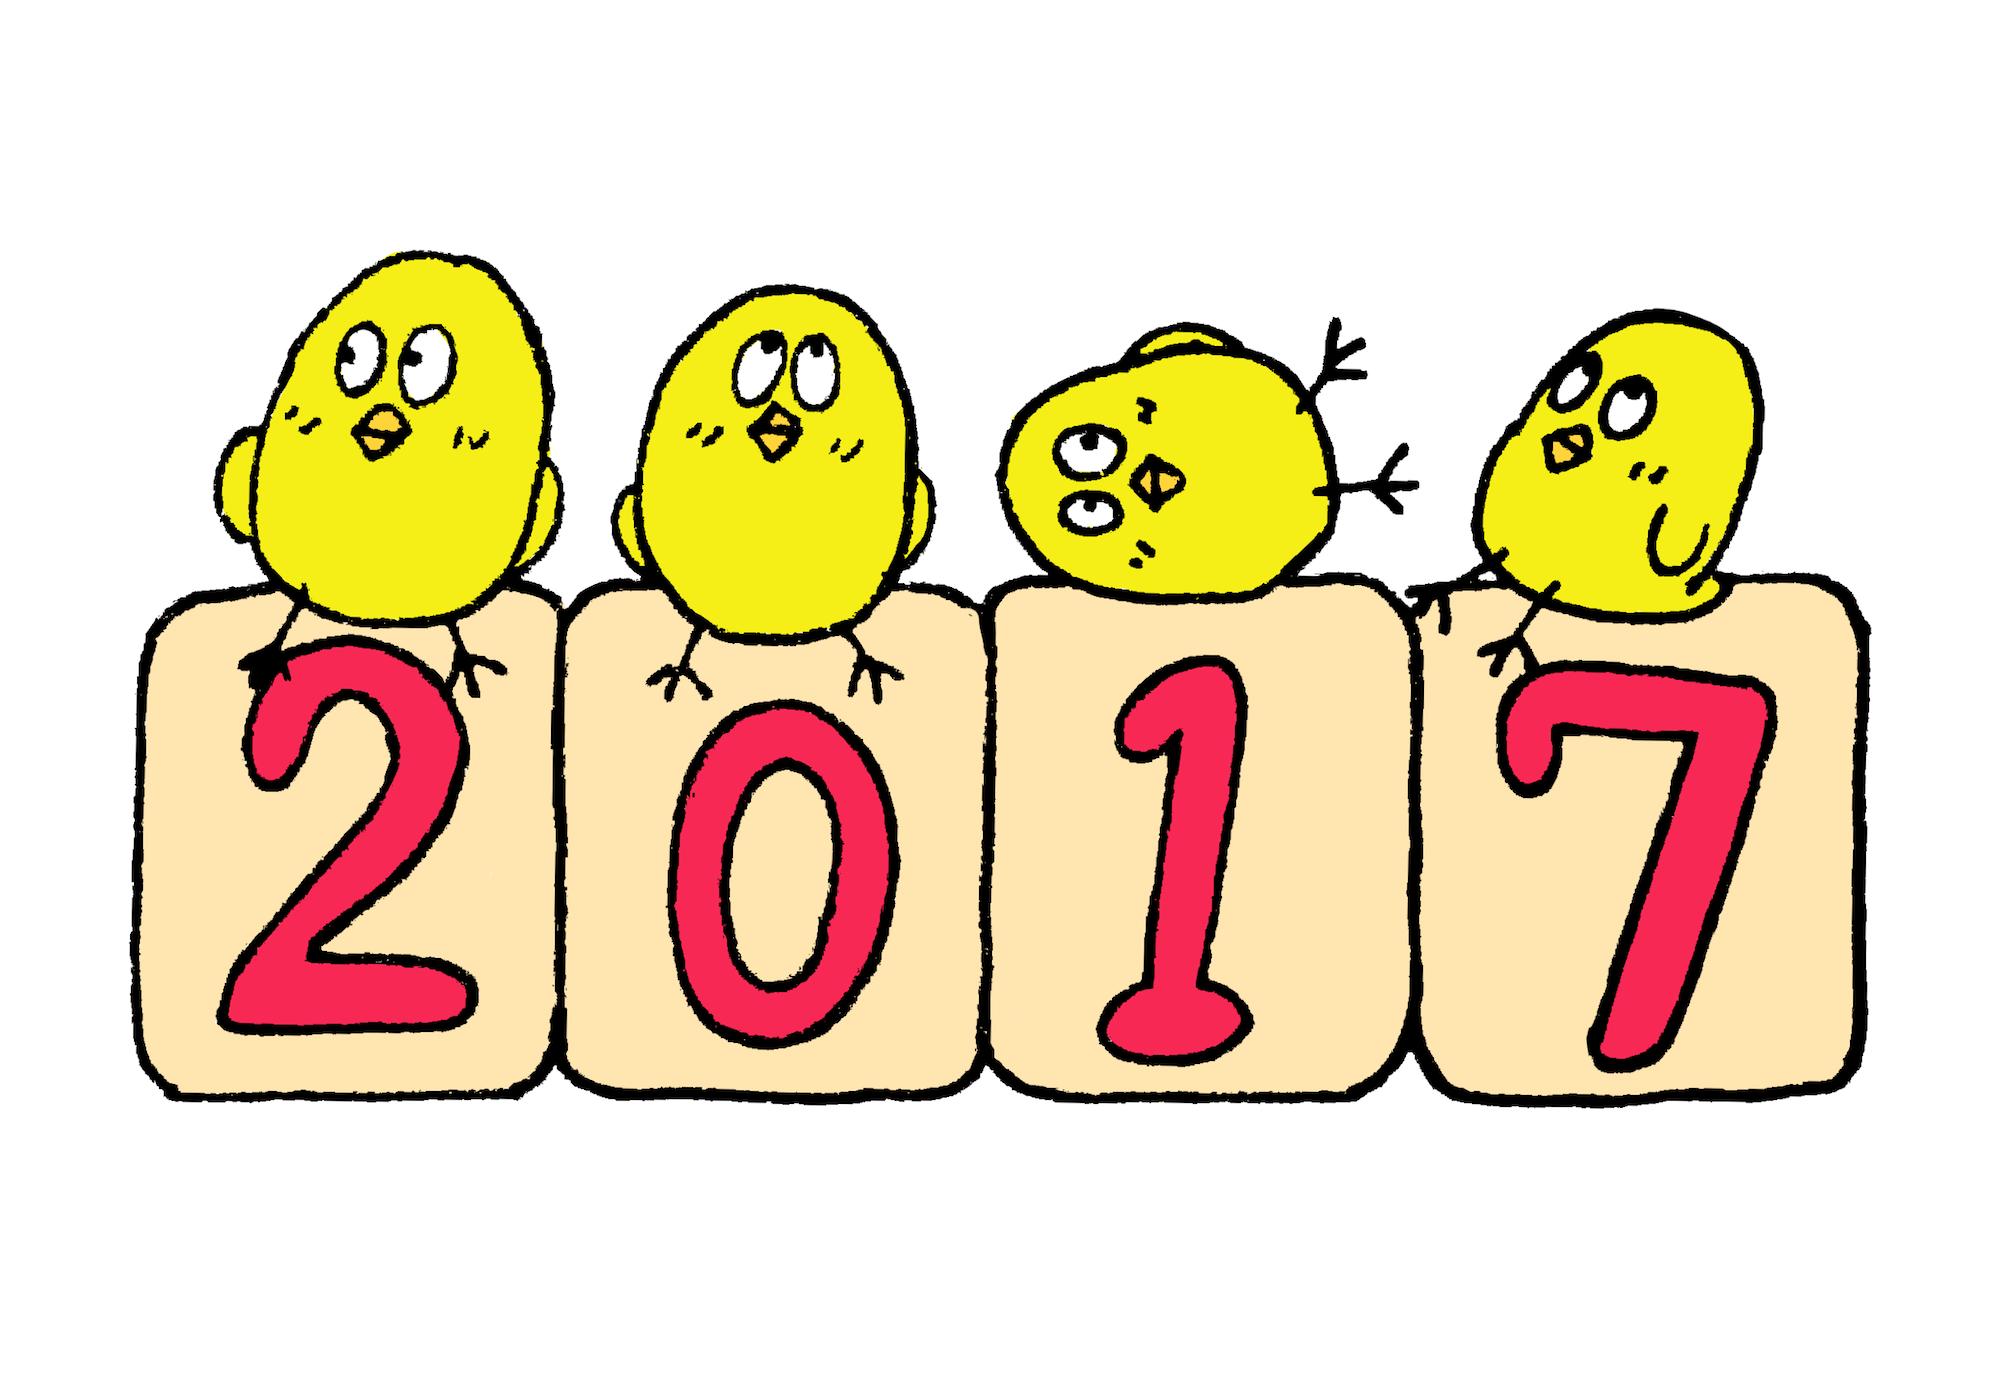 2017年と可愛いひよこたち★無料年賀状素材干支酉年